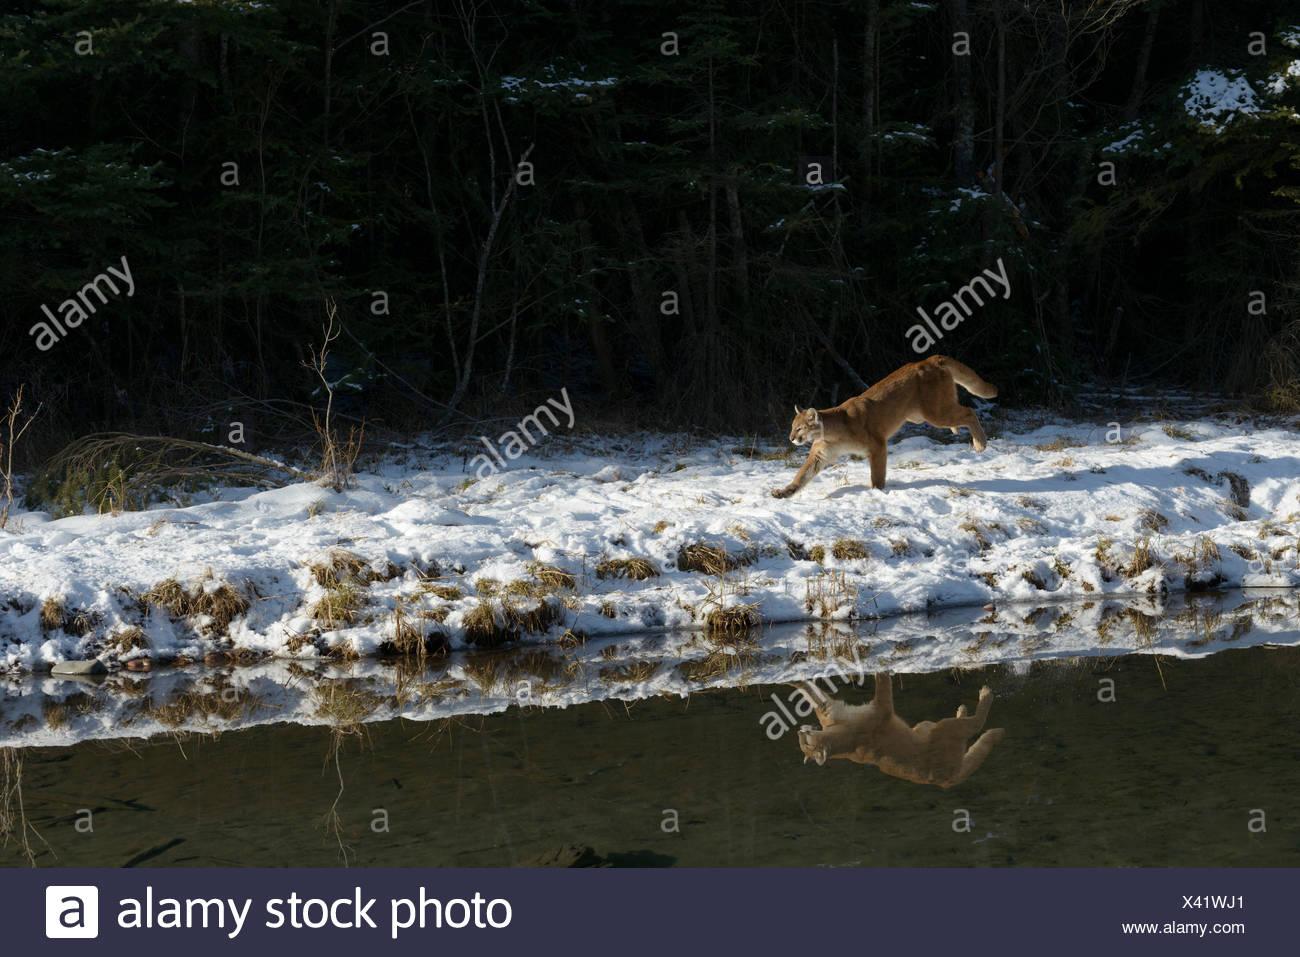 Puma, Puma concolor, Junto estanque afilan en invierno, Montana, EE.UU. Imagen De Stock